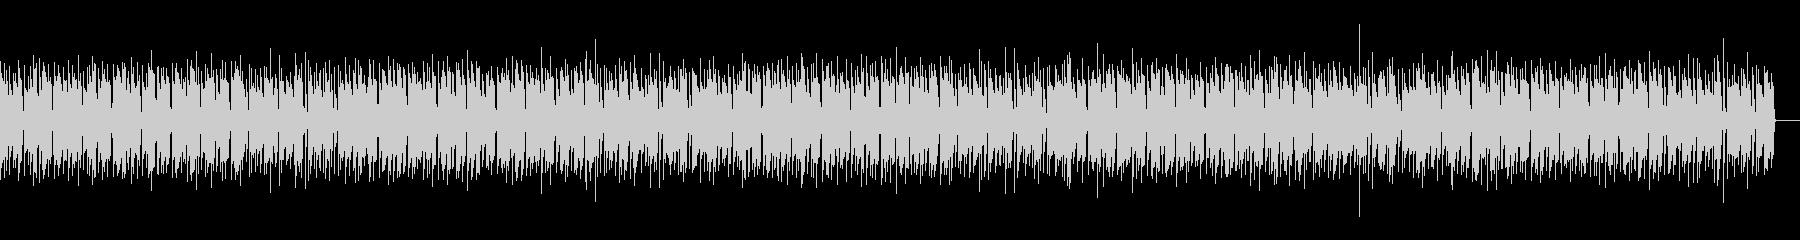 和やかで落ちついたシンプルなエレクトーンの未再生の波形